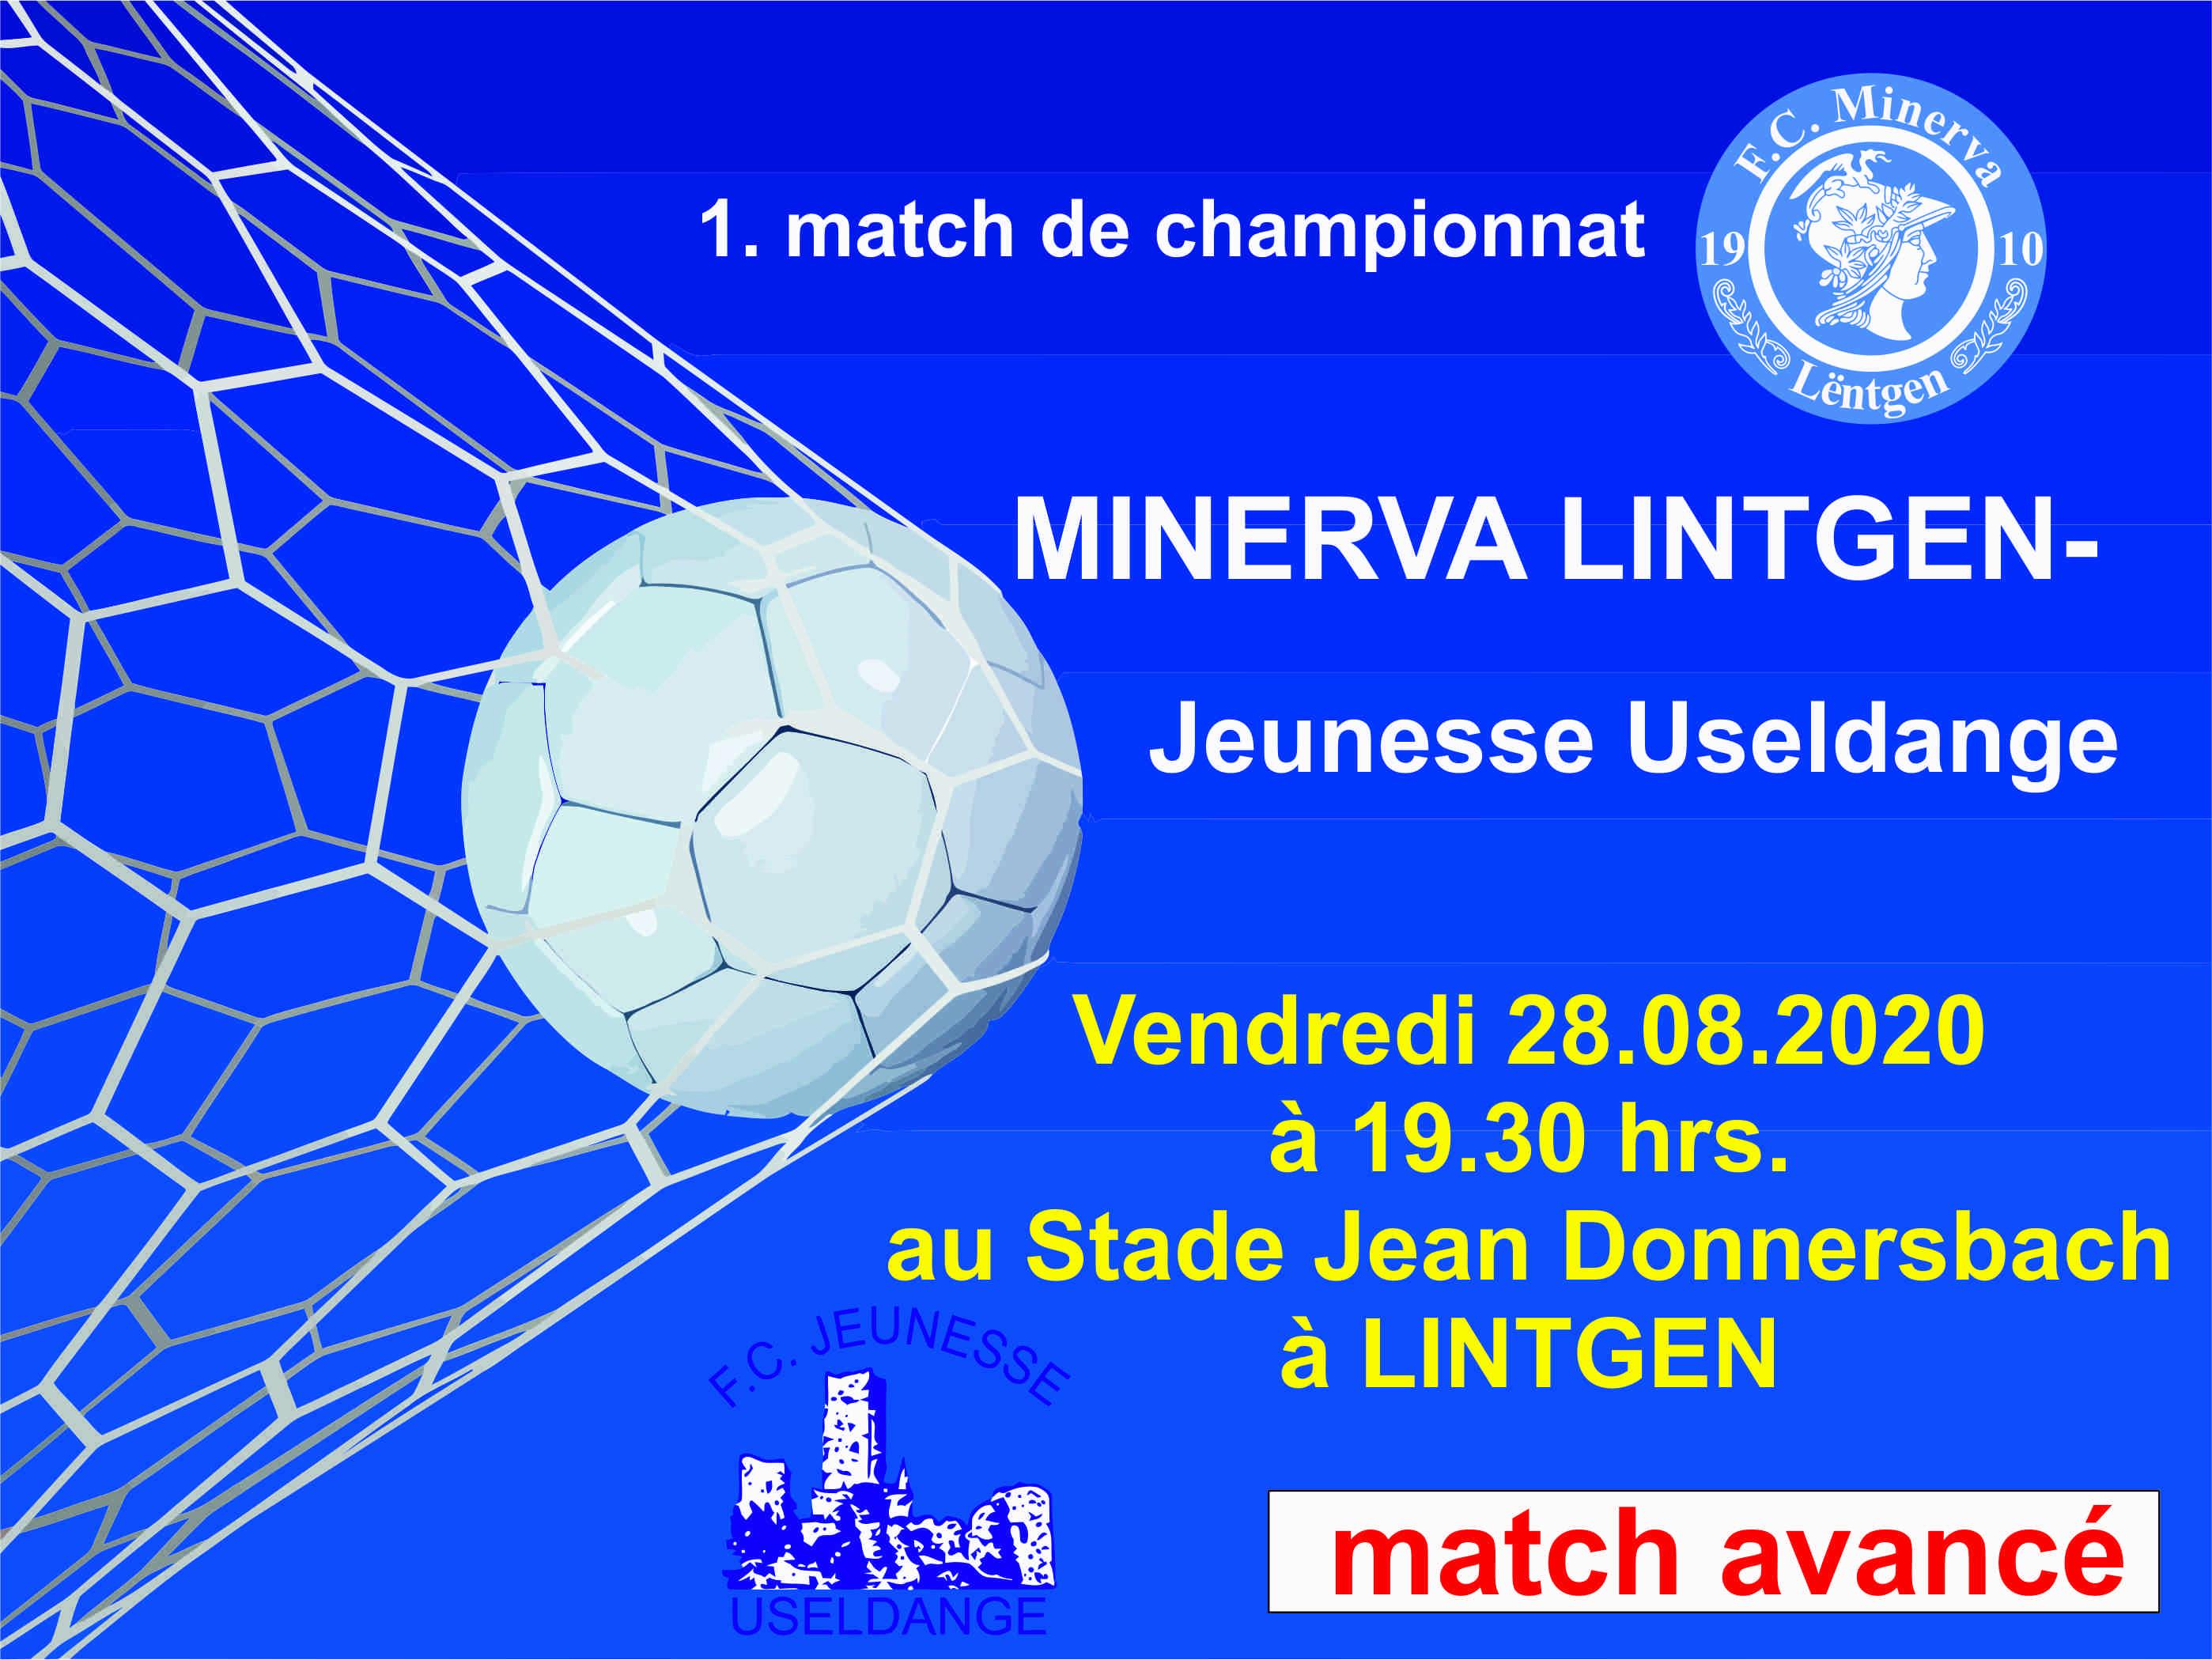 1. match de championnat 20/21